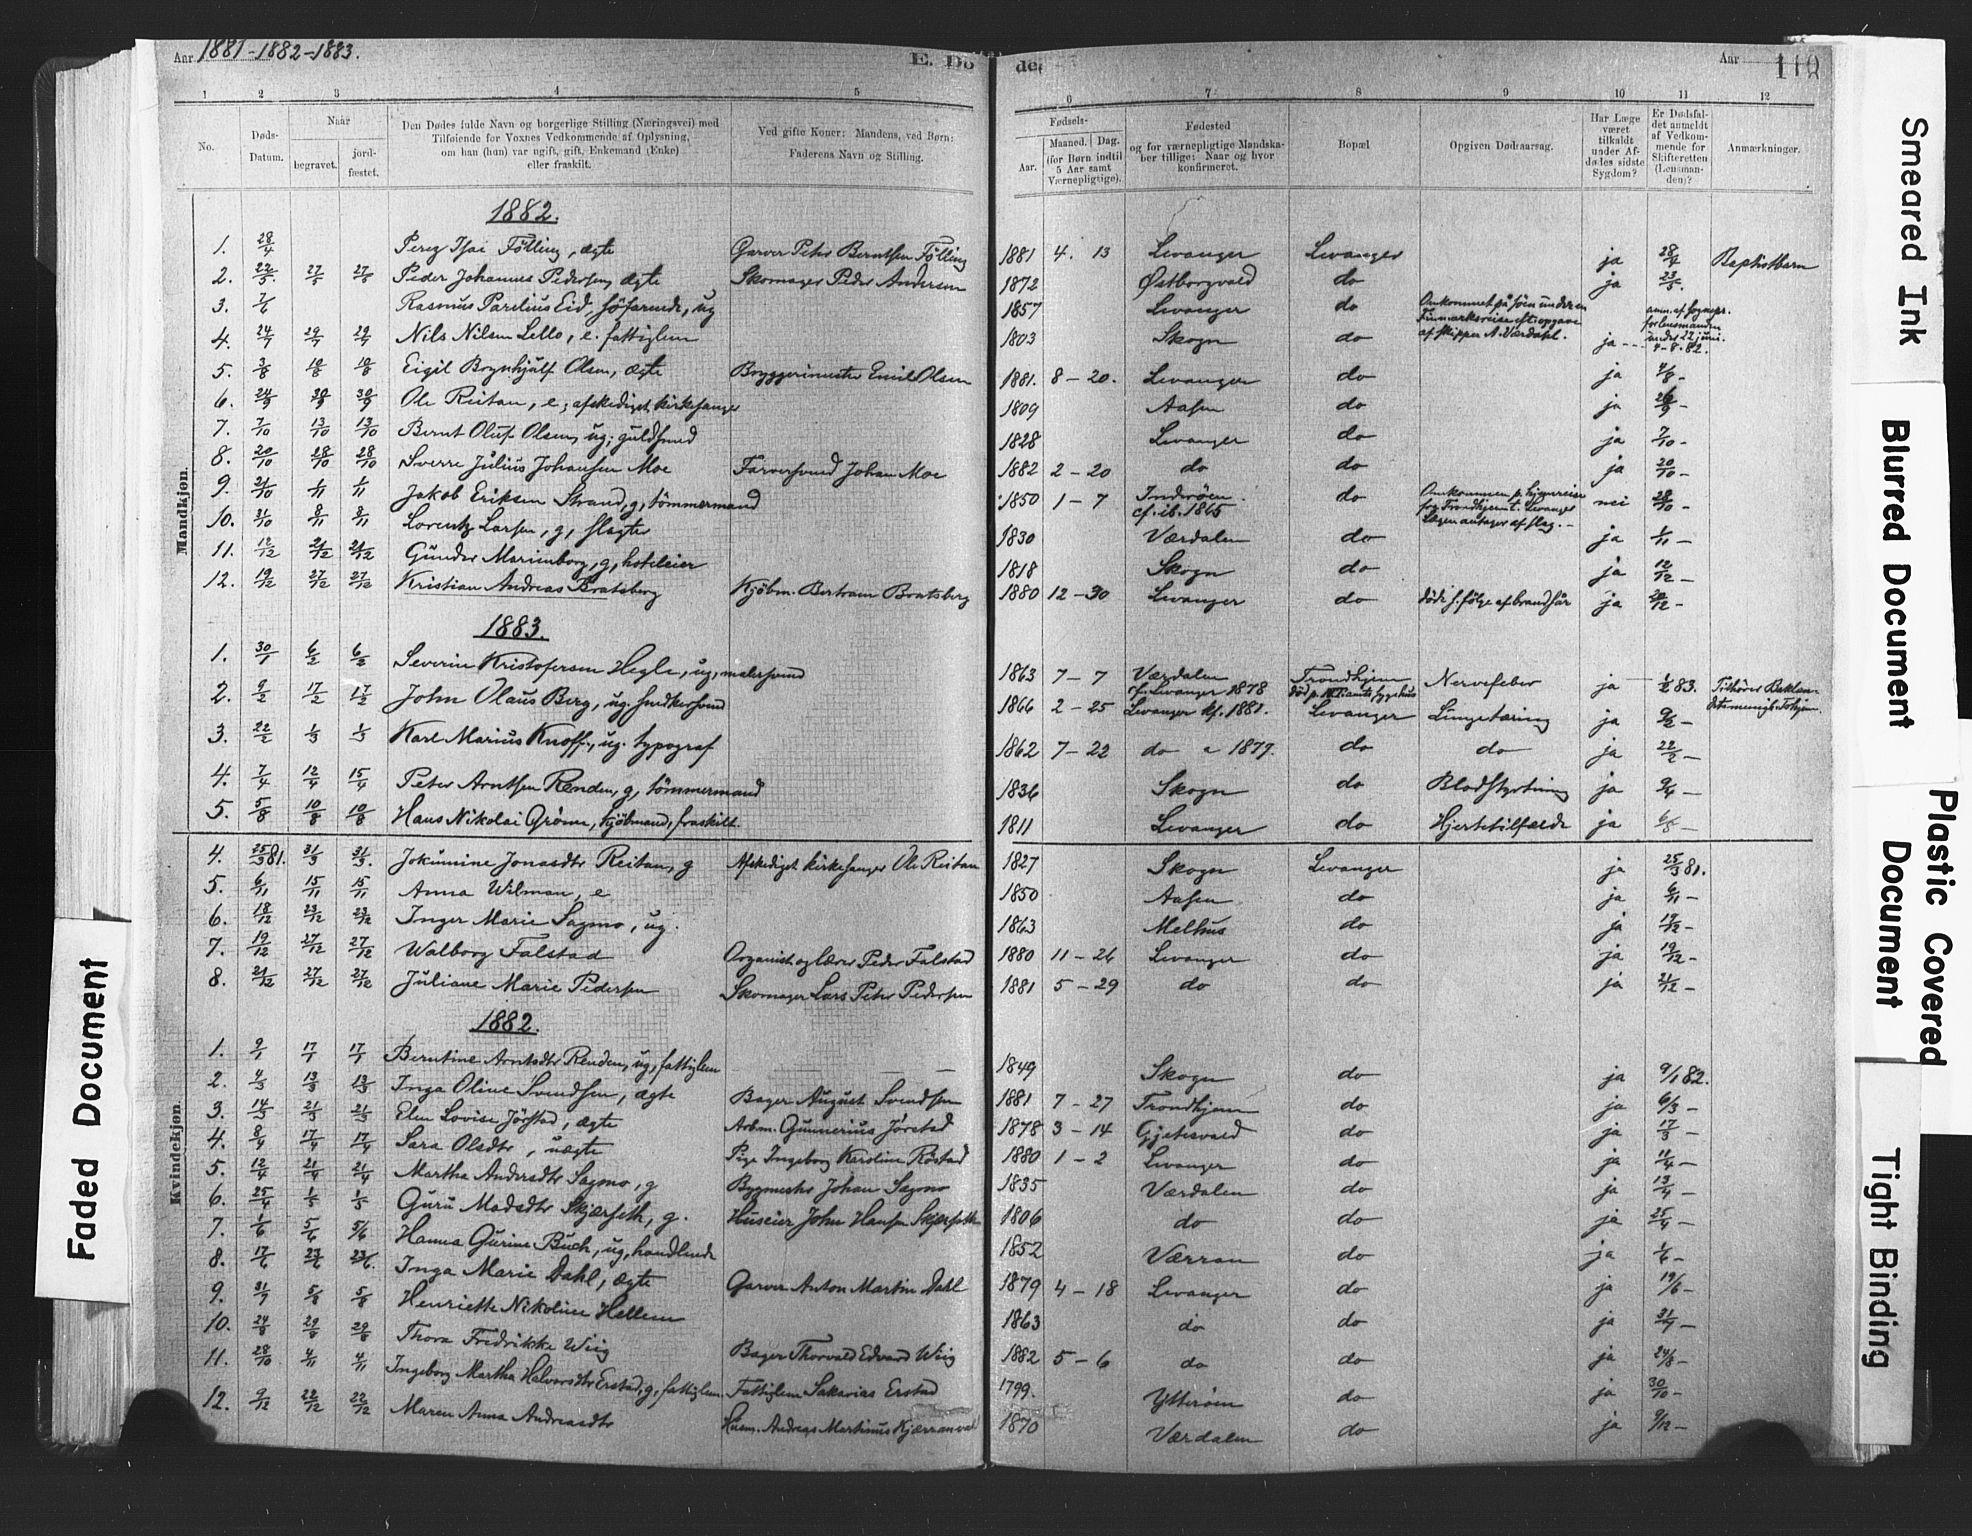 SAT, Ministerialprotokoller, klokkerbøker og fødselsregistre - Nord-Trøndelag, 720/L0189: Ministerialbok nr. 720A05, 1880-1911, s. 110